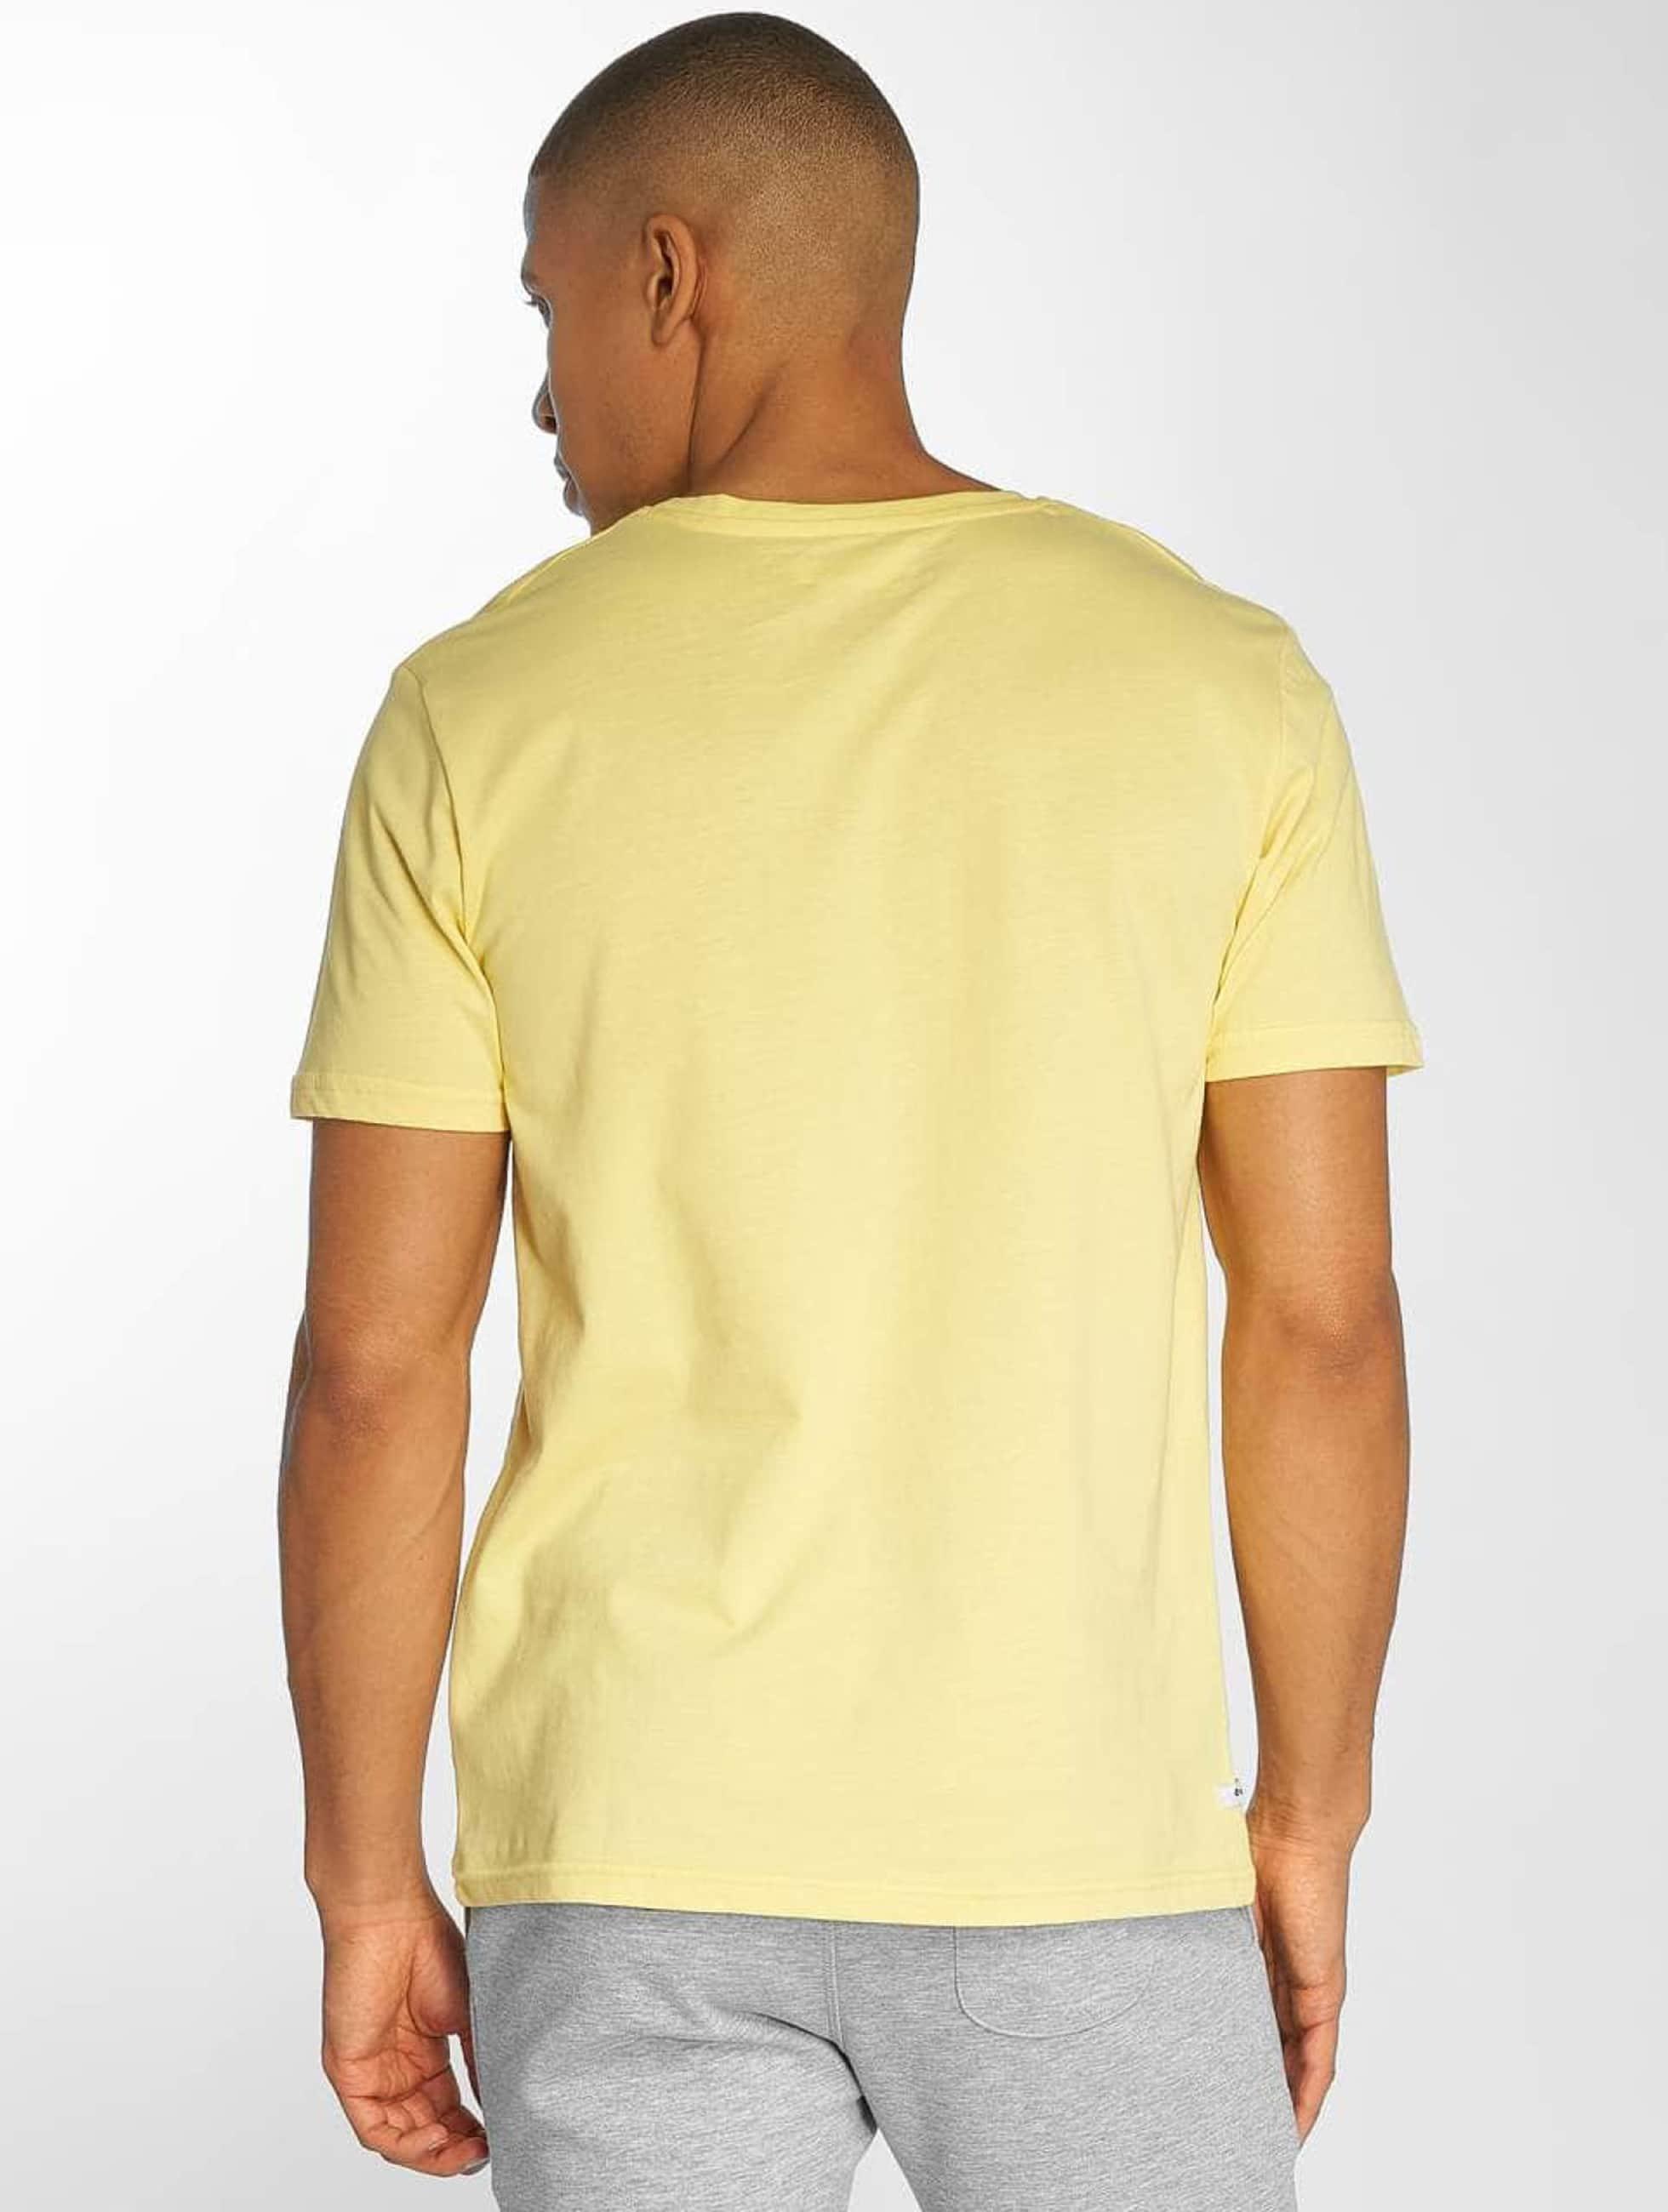 Kulte T-Shirt Summer Cam yellow